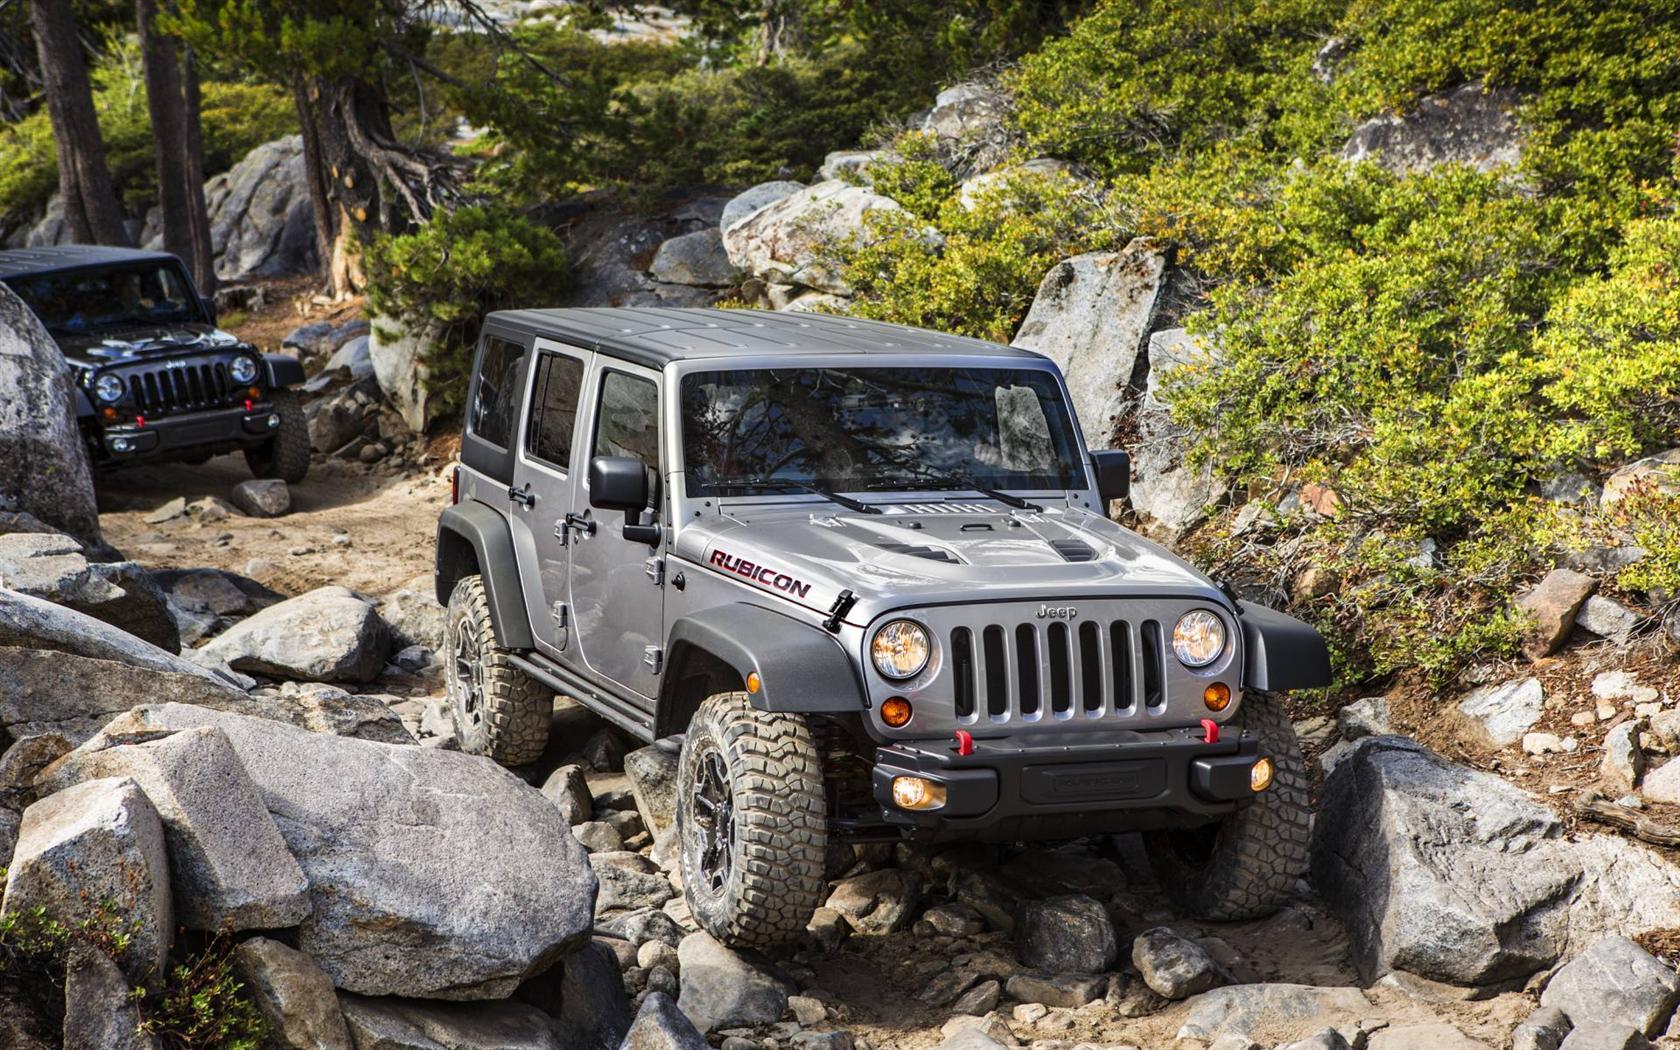 2013 Jeep Wrangler Rubicon 10th Anniversary Edition Wallpaper Gallery